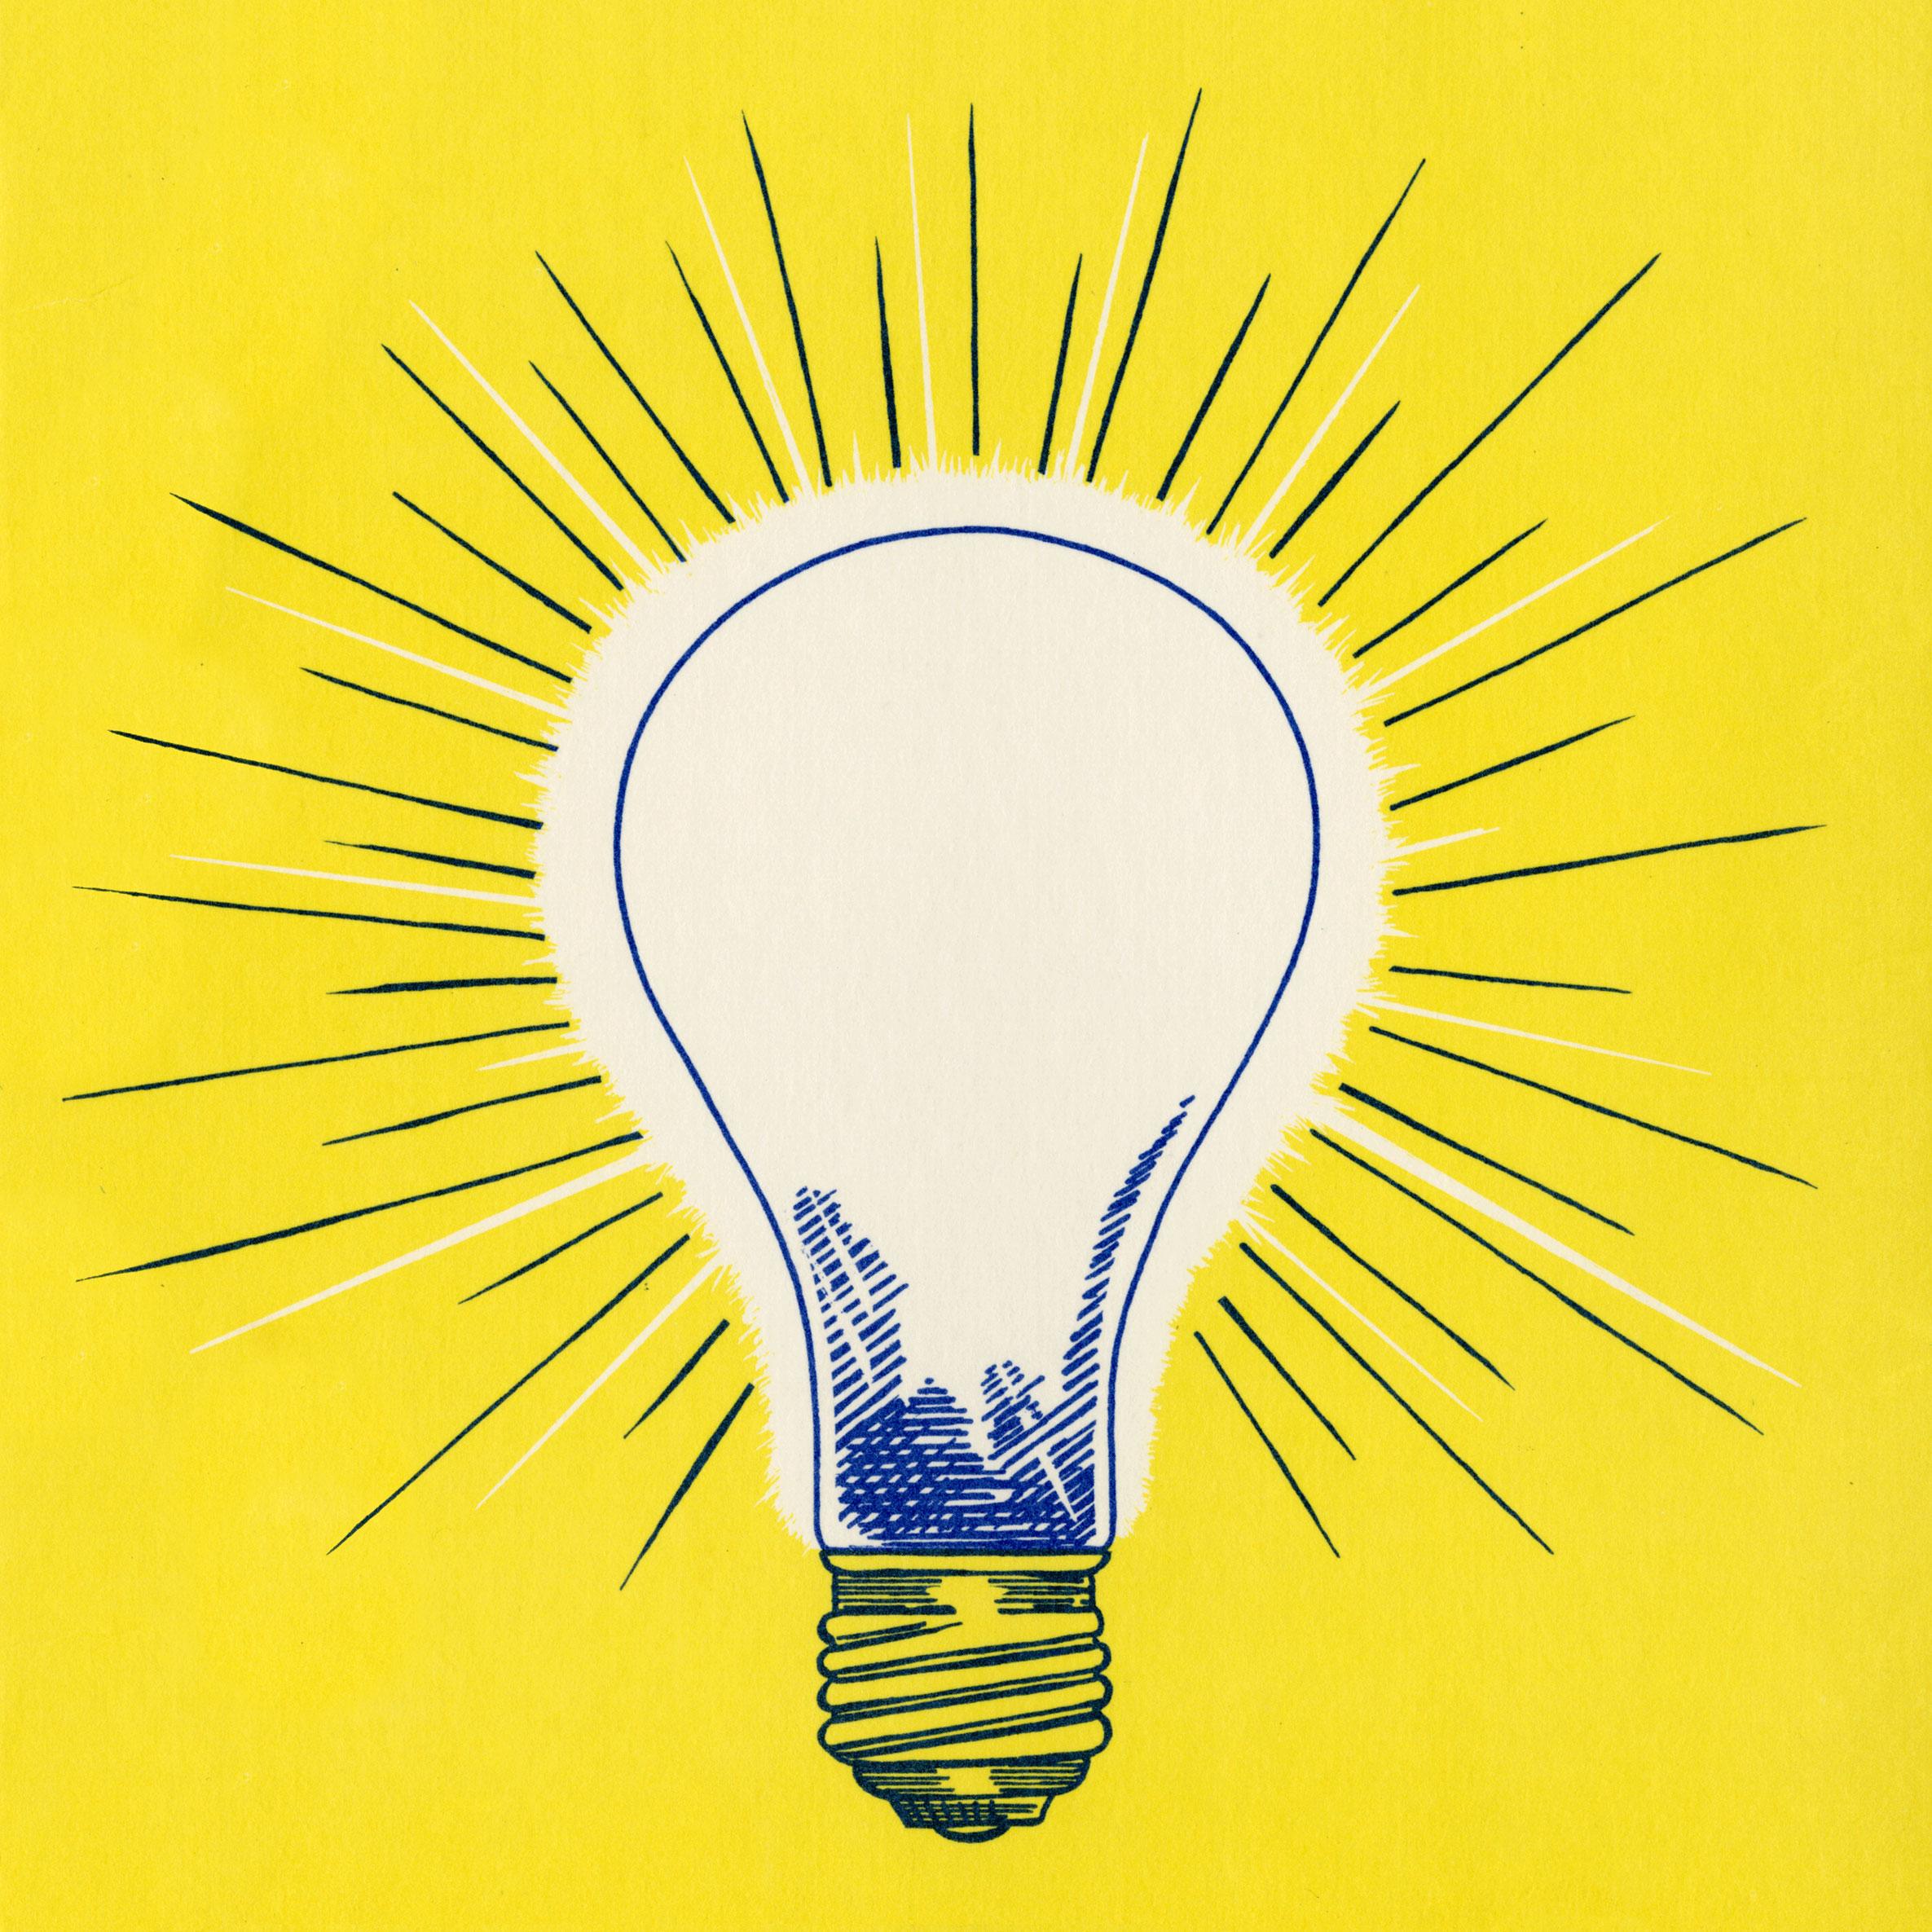 bulb-on.jpg